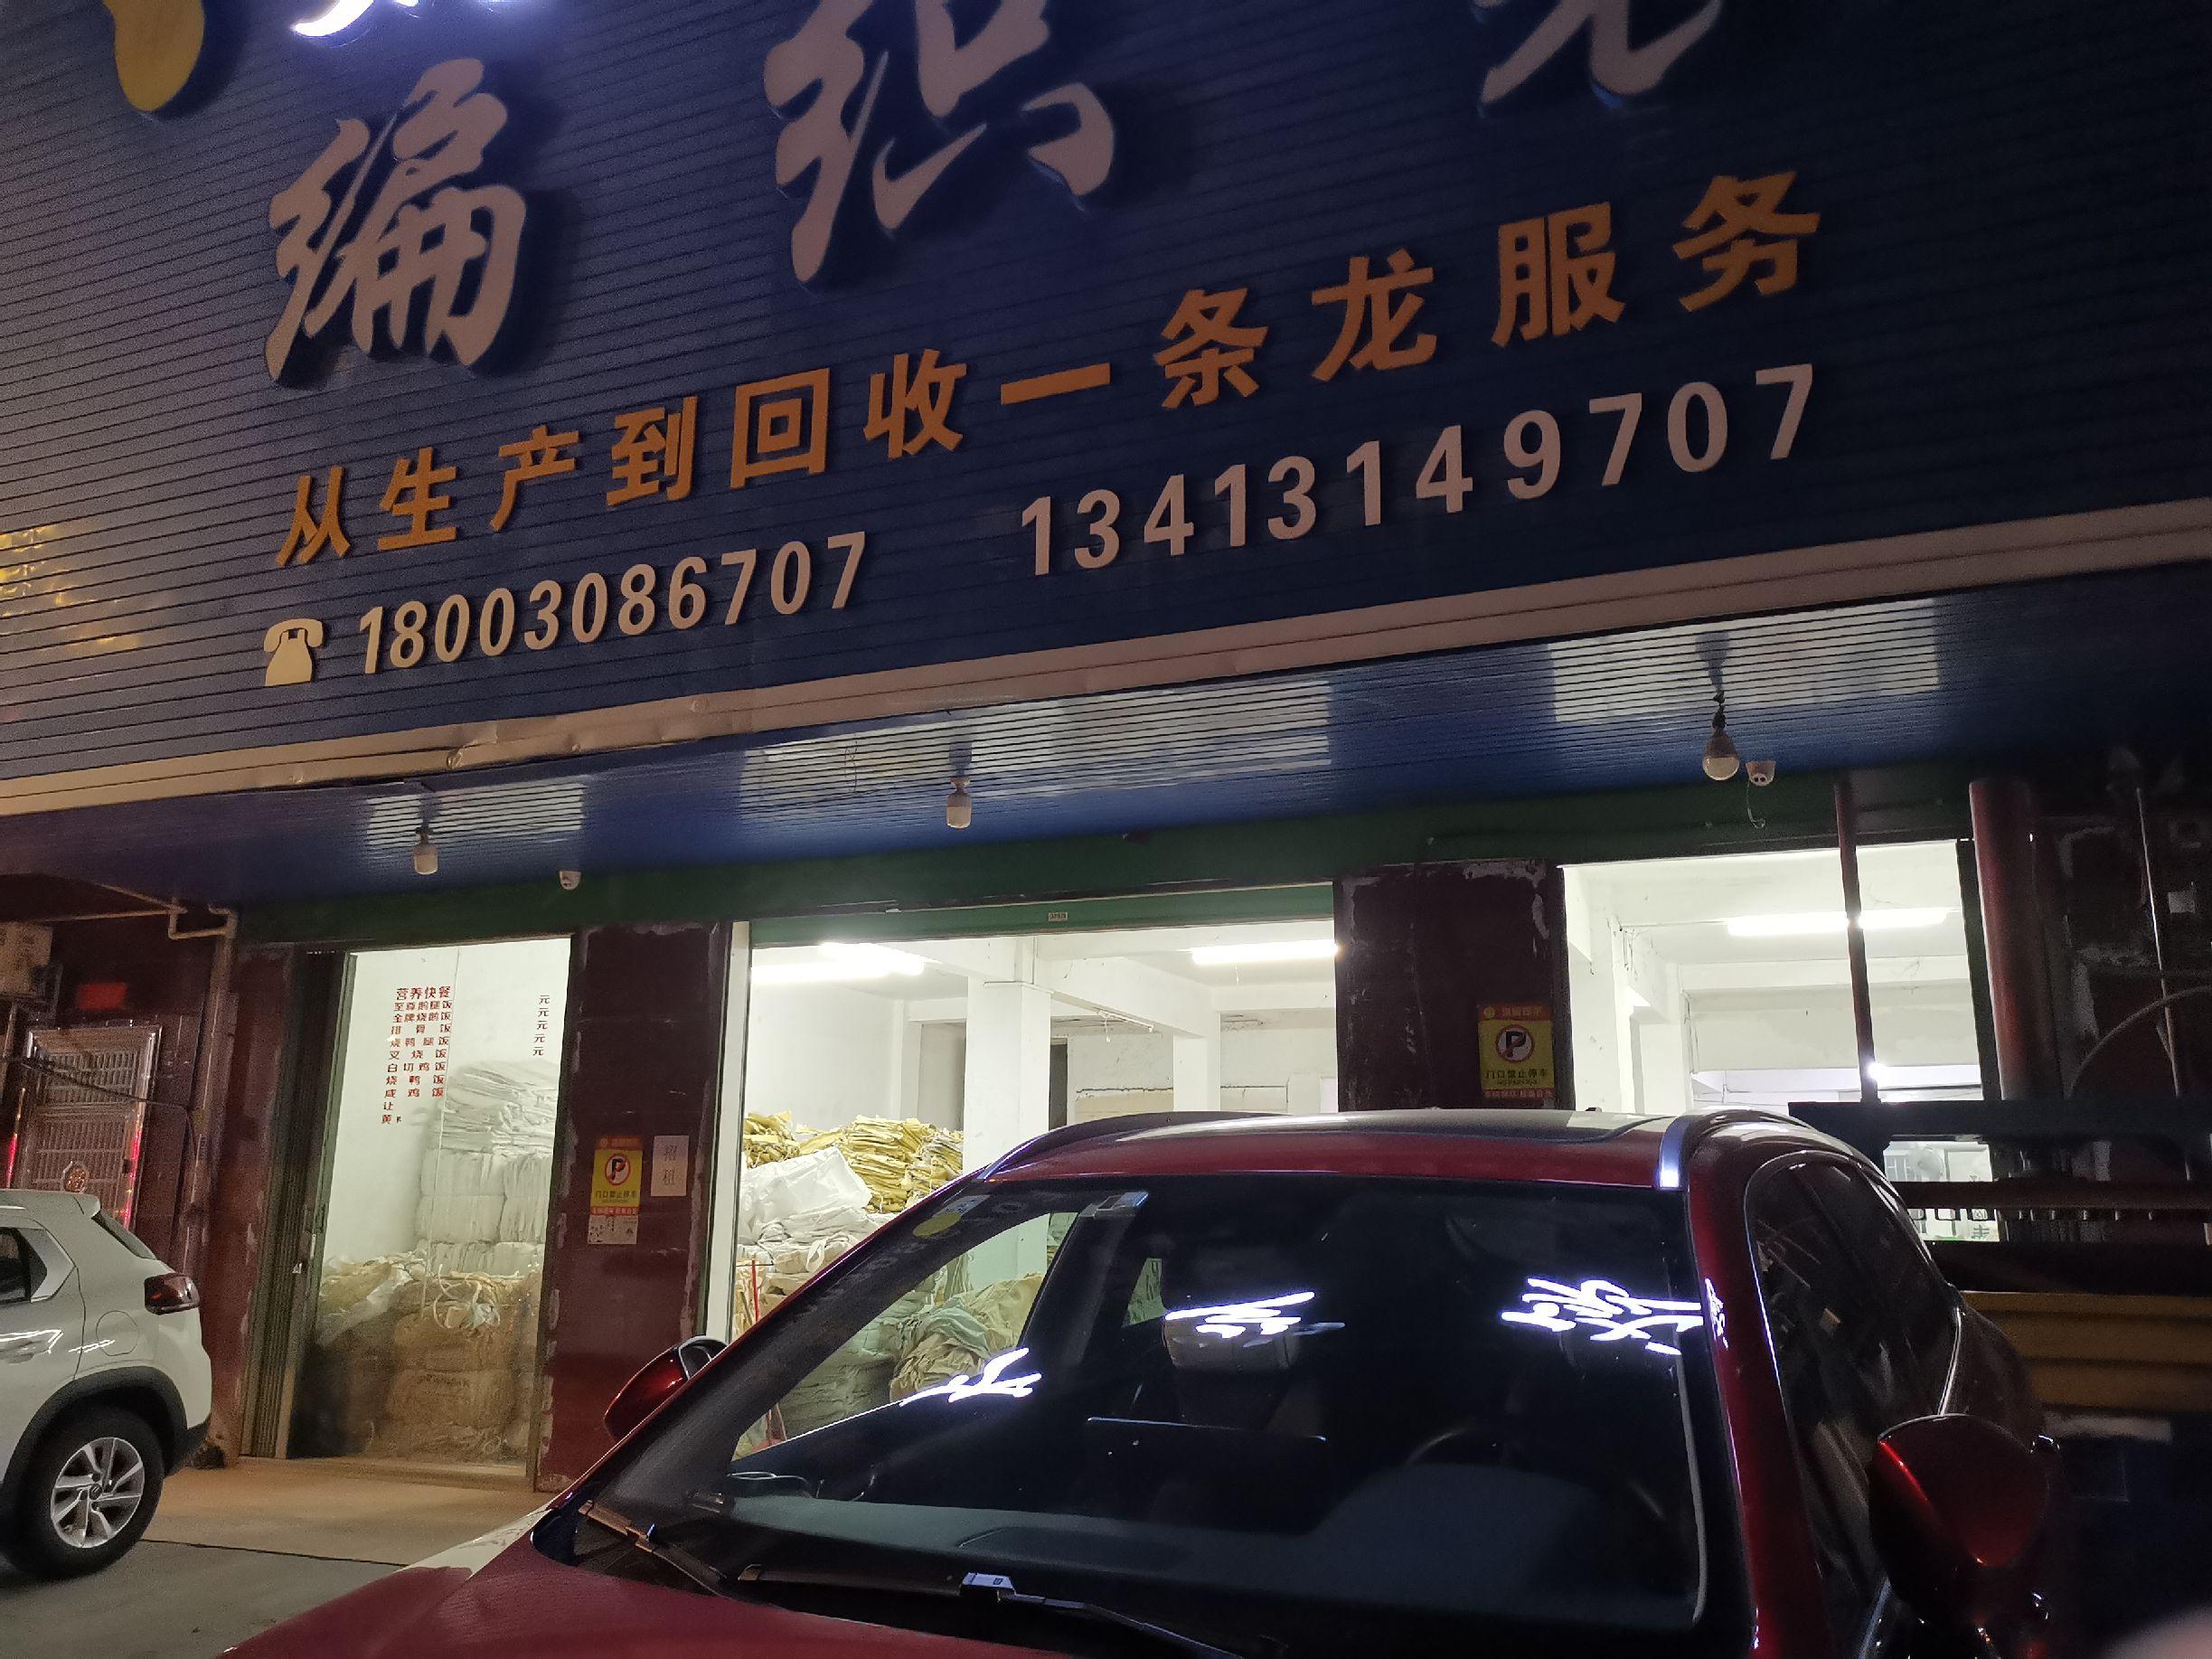 惠州大道小金口高速路口空档或生意转让